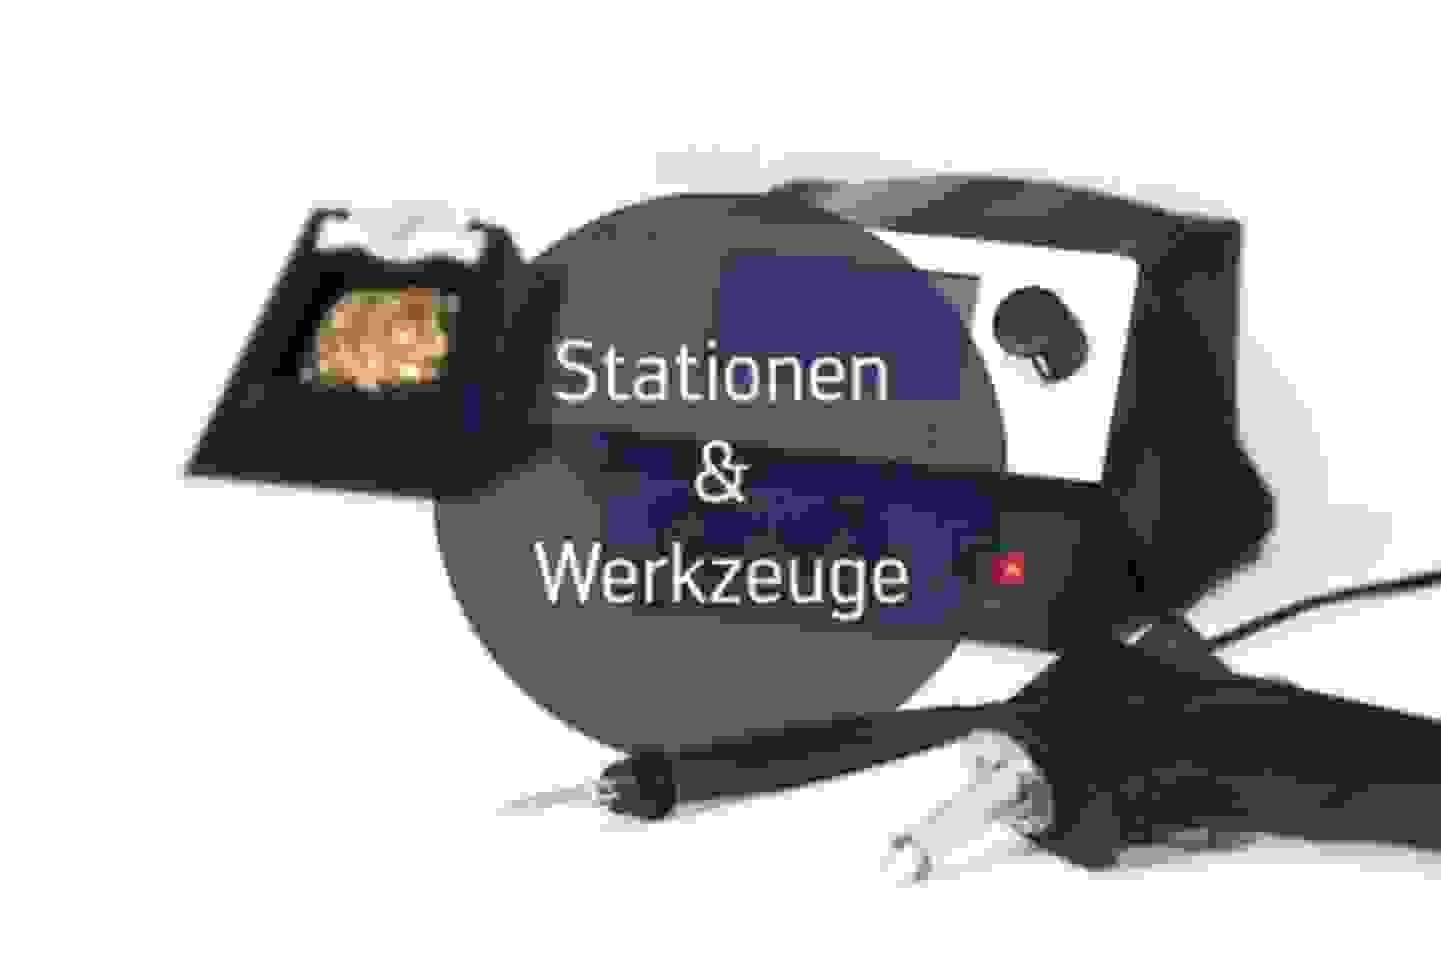 Stationen & Werkzeuge